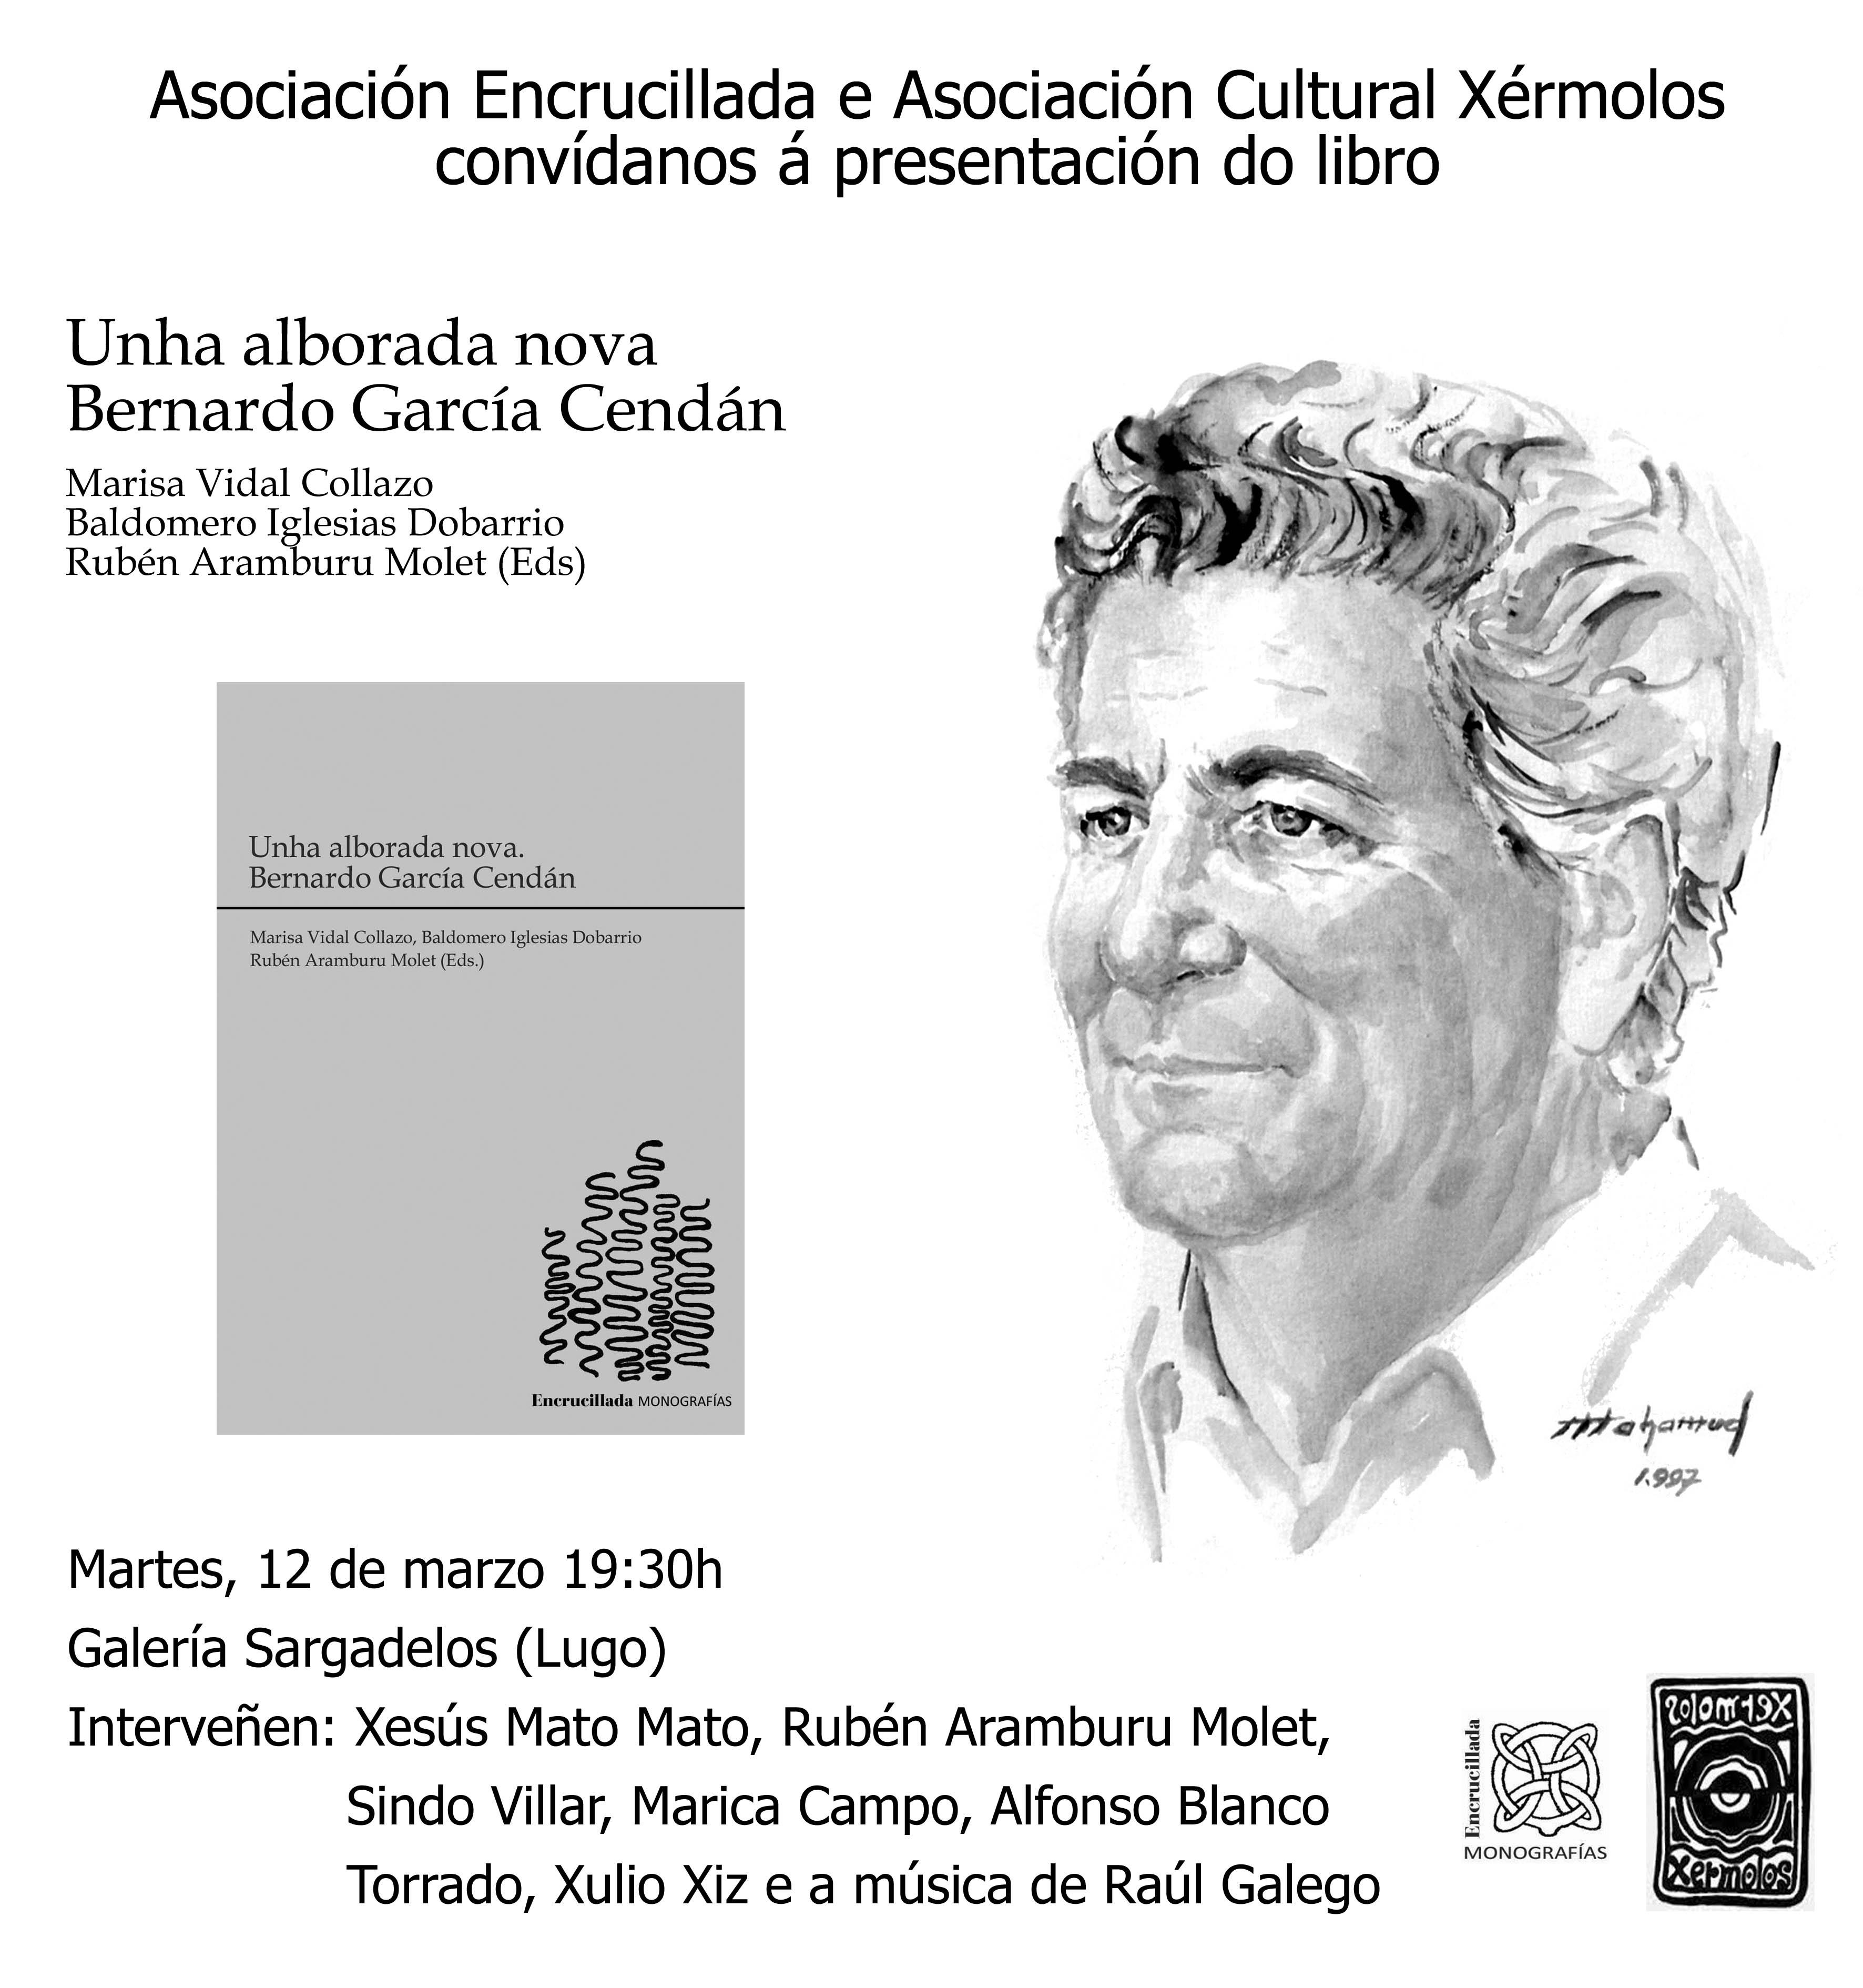 Unha alborada nova. Bernardo García Cendán